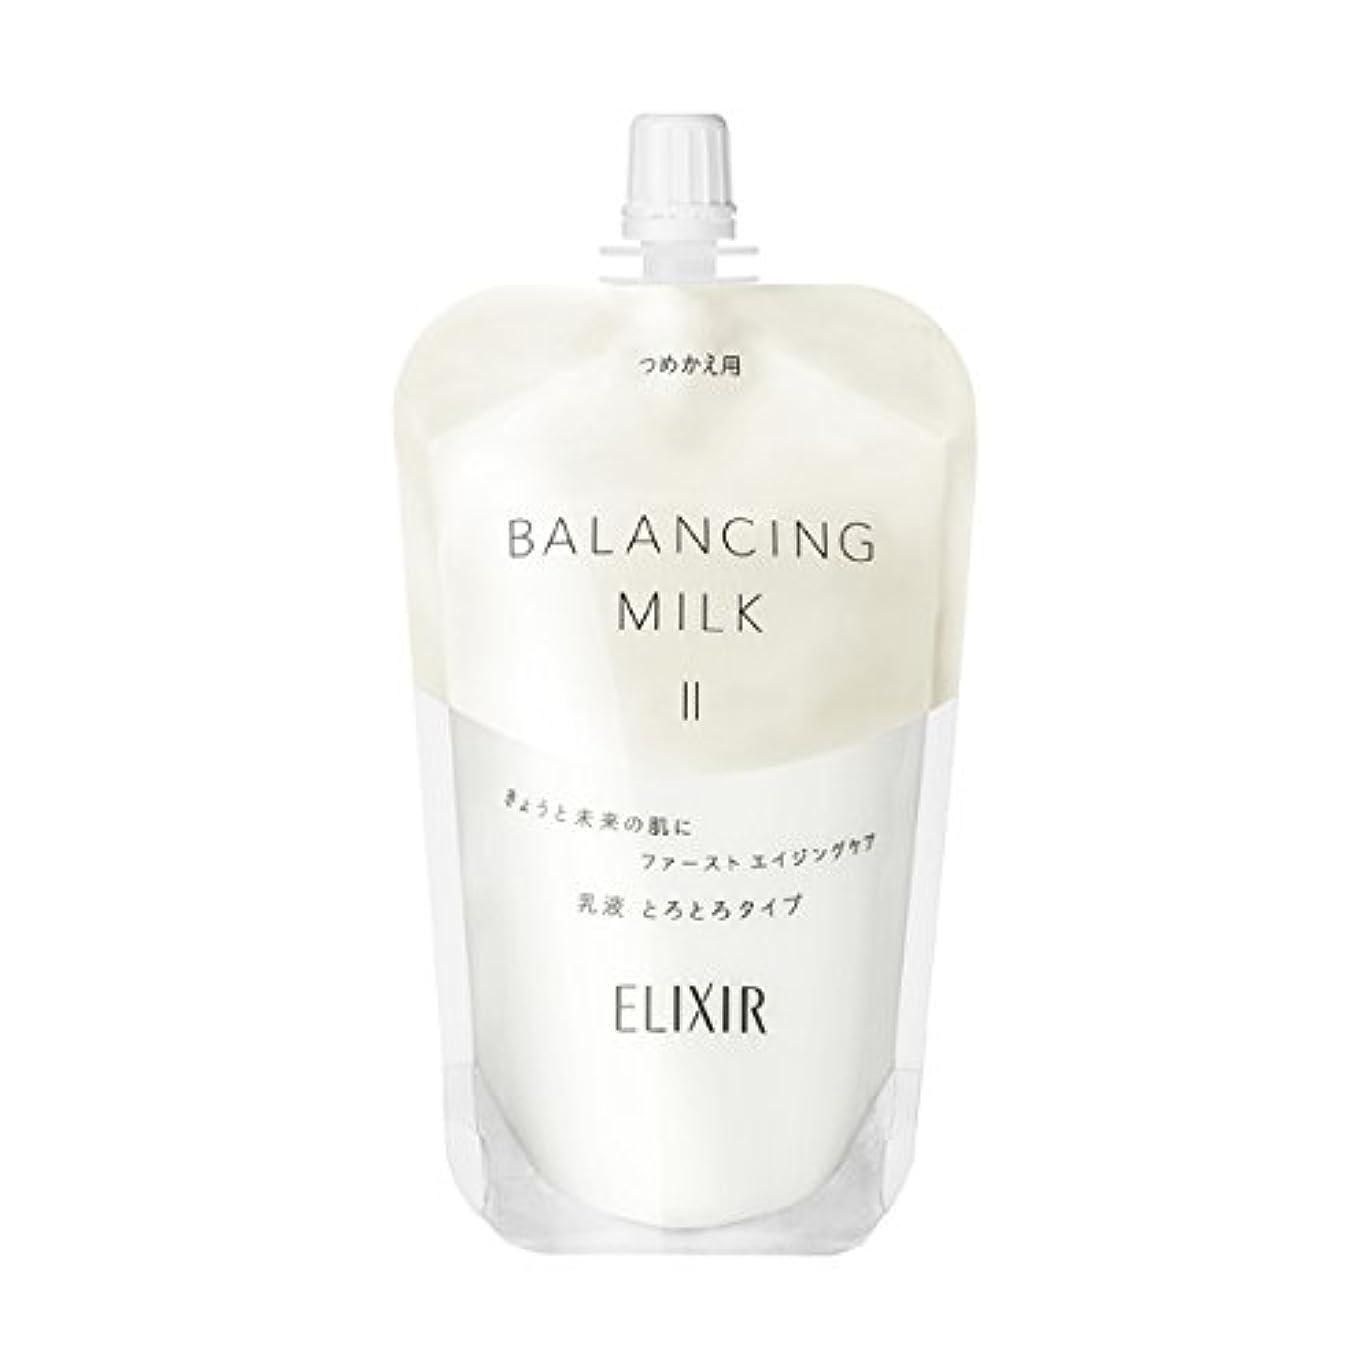 納屋近代化グリップエリクシール ルフレ バランシング ミルク 乳液 2 (とろとろタイプ) (つめかえ用) 110mL